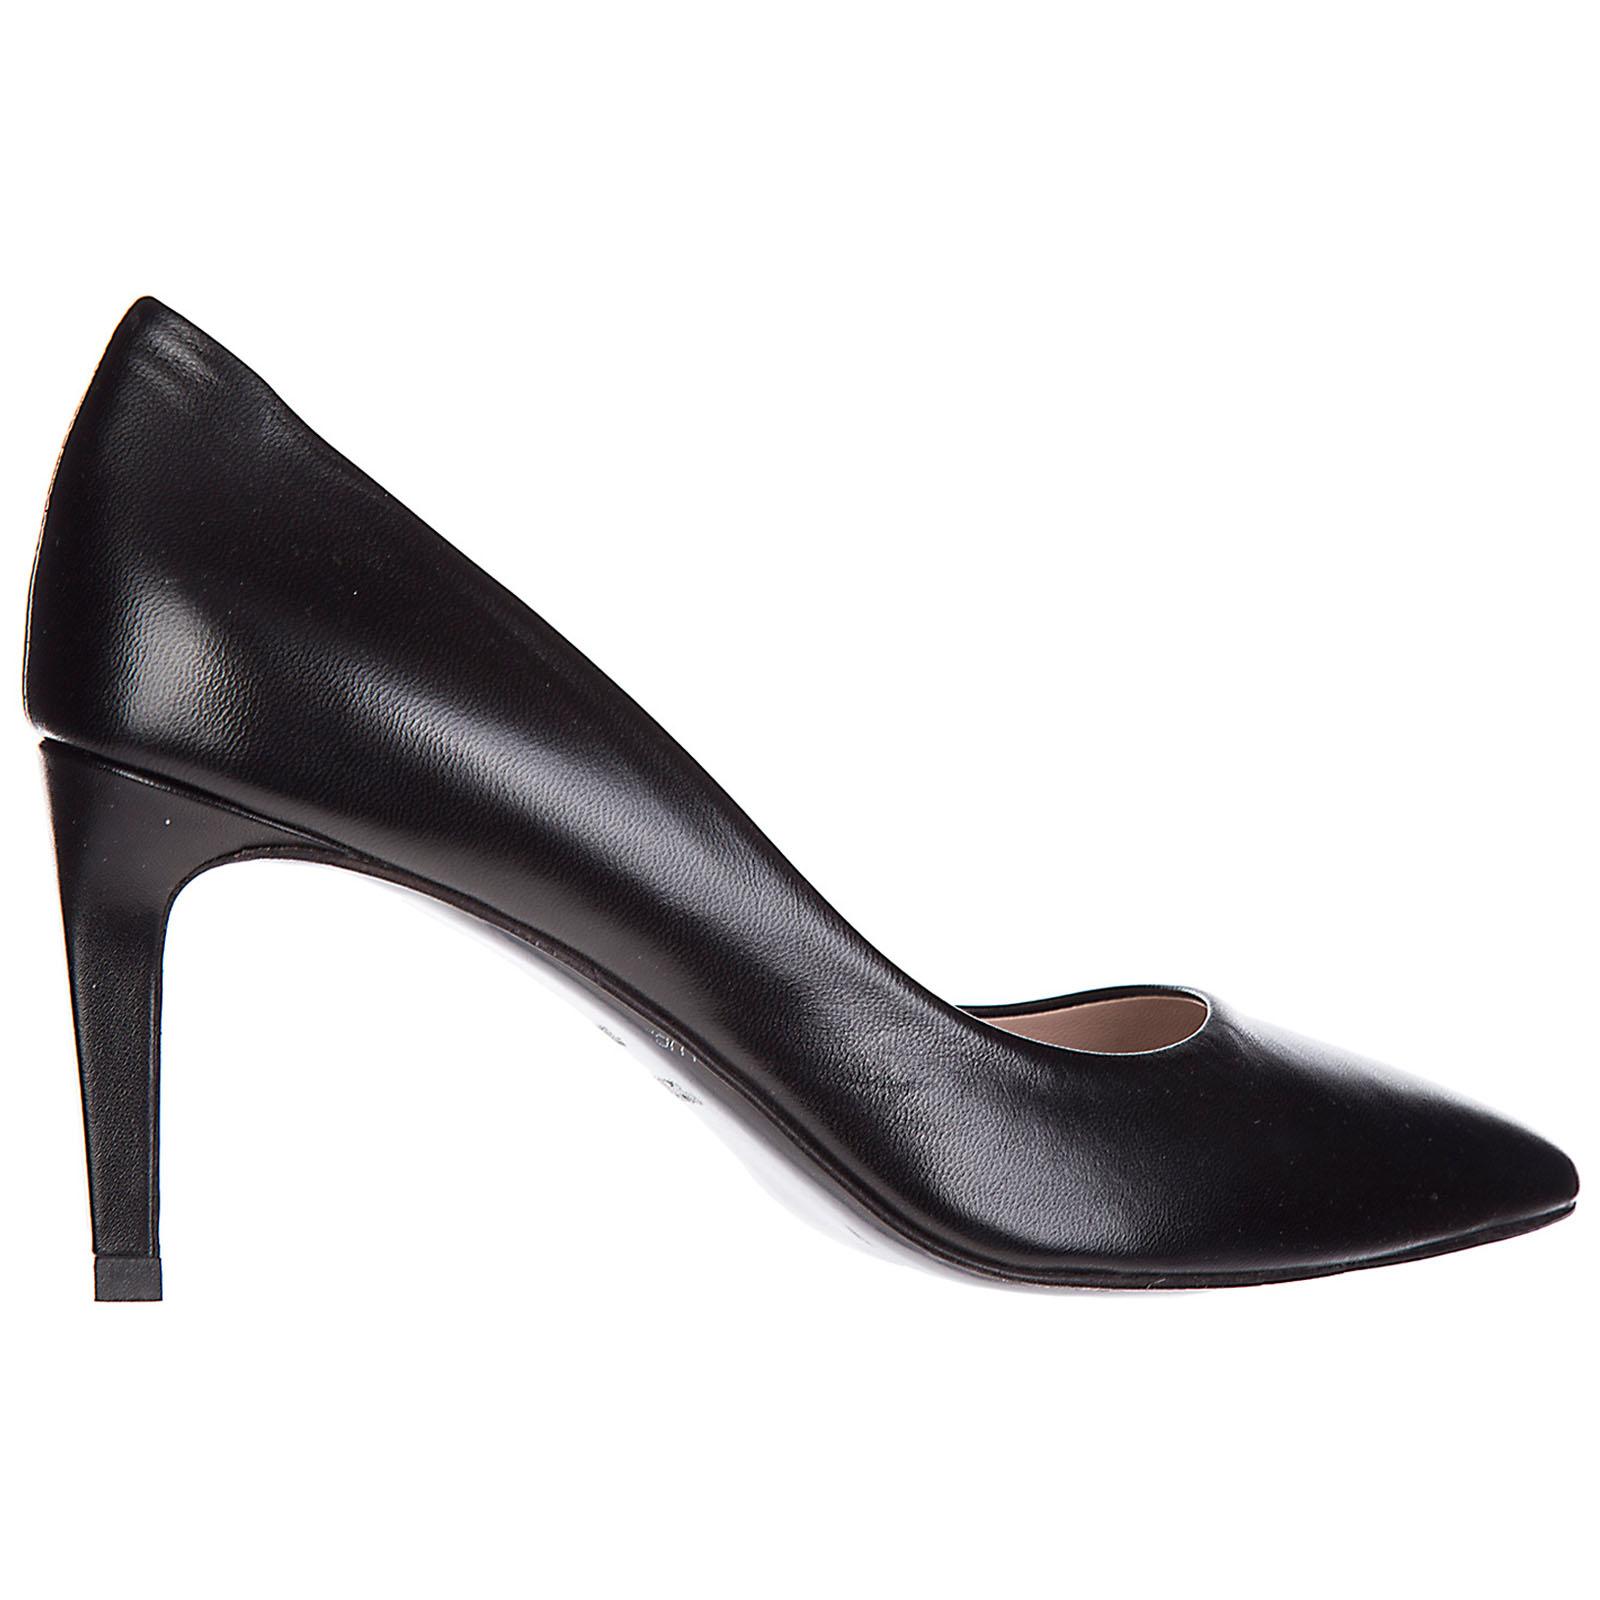 Damenschuhe leder pumps mit absatz high heels